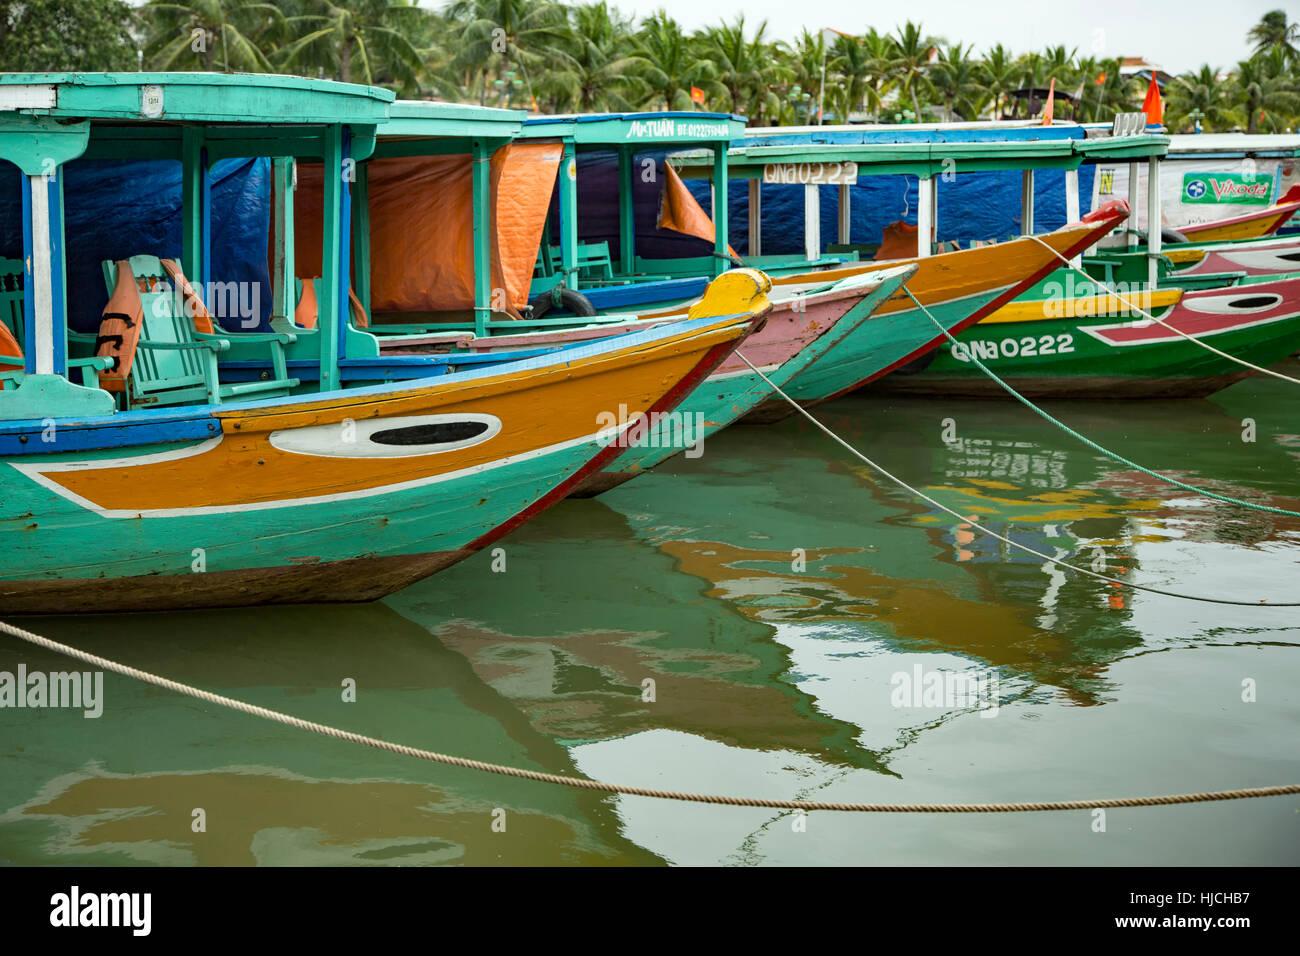 Bateaux en bois sur la rivière thu bon, Hoi an, Vietnam Photo Stock